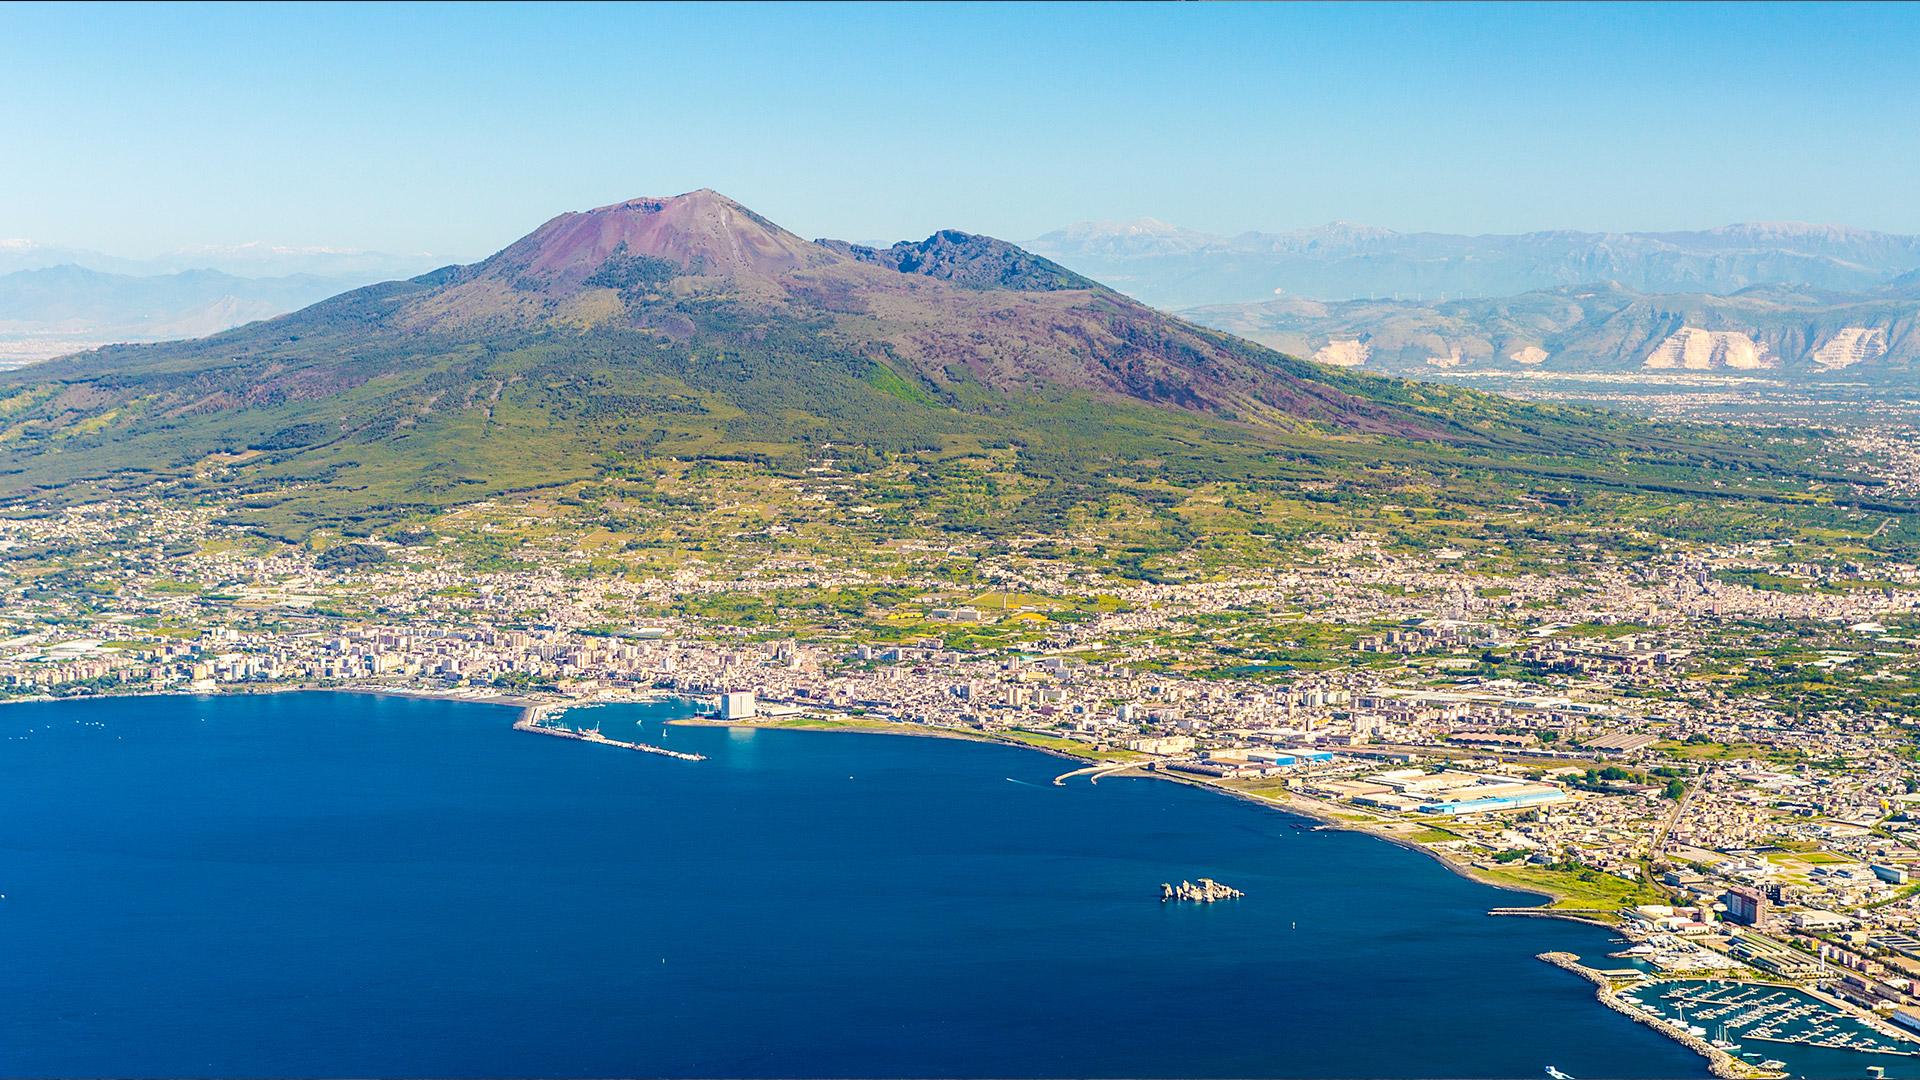 Vesuvius Campania Tourism